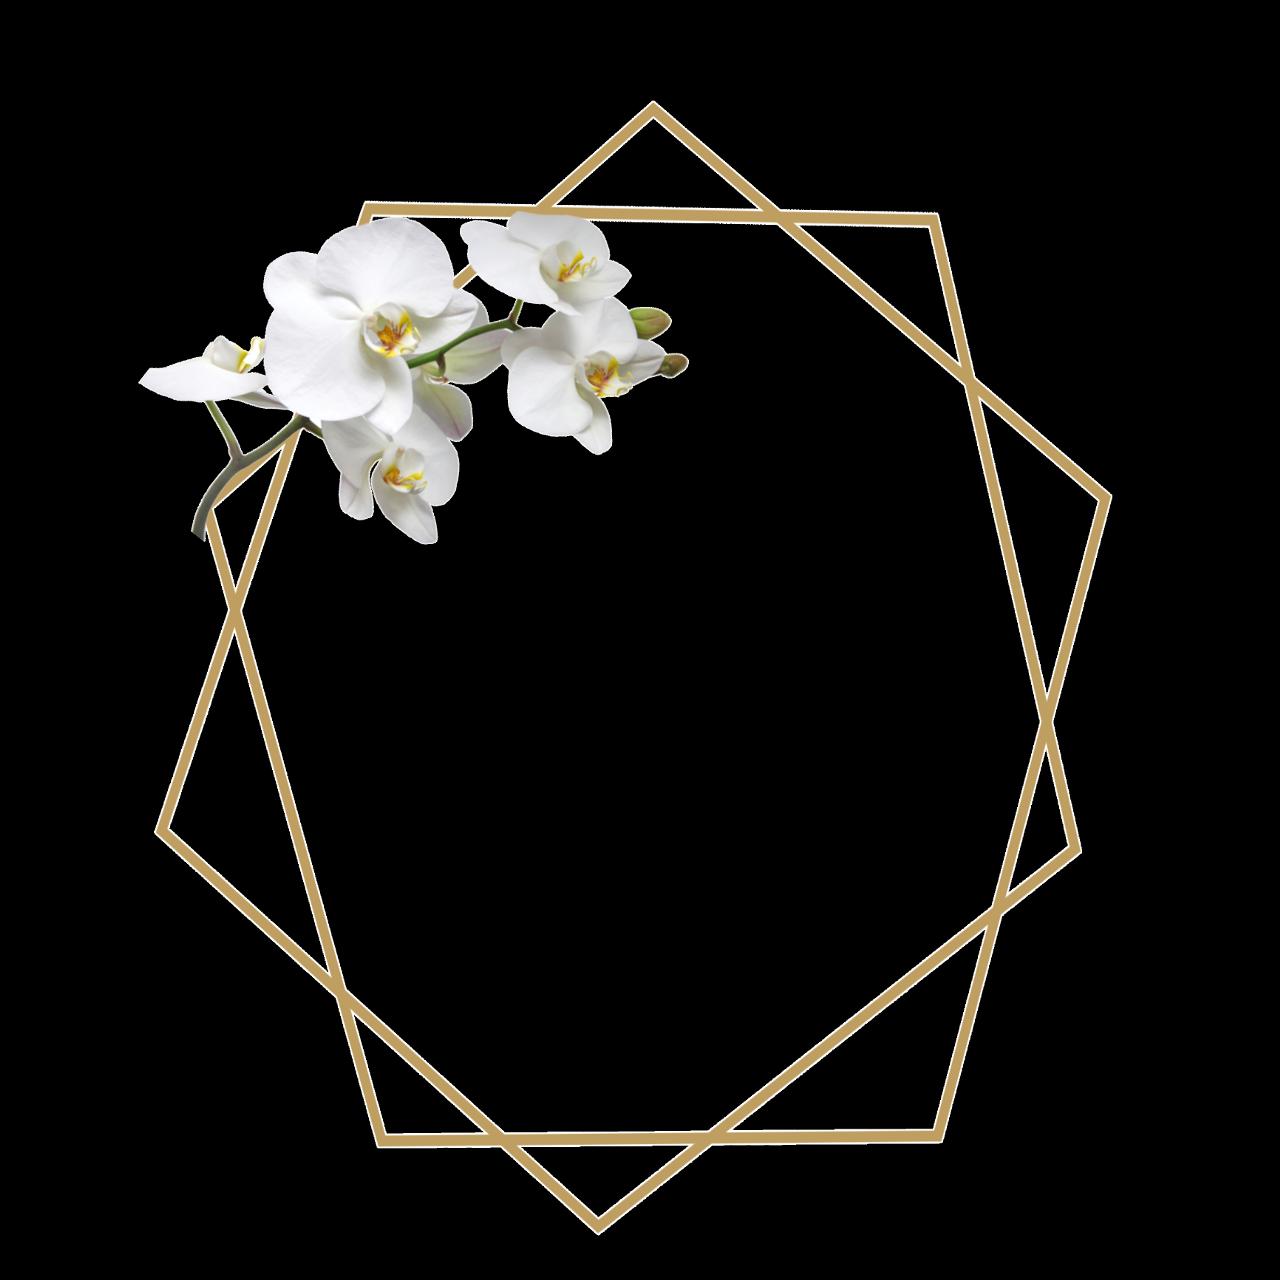 ورد اوركيد ثيم ذهبي اطار Sticker By Um Saif Flower Graphic Design Floral Border Design Baby Print Art